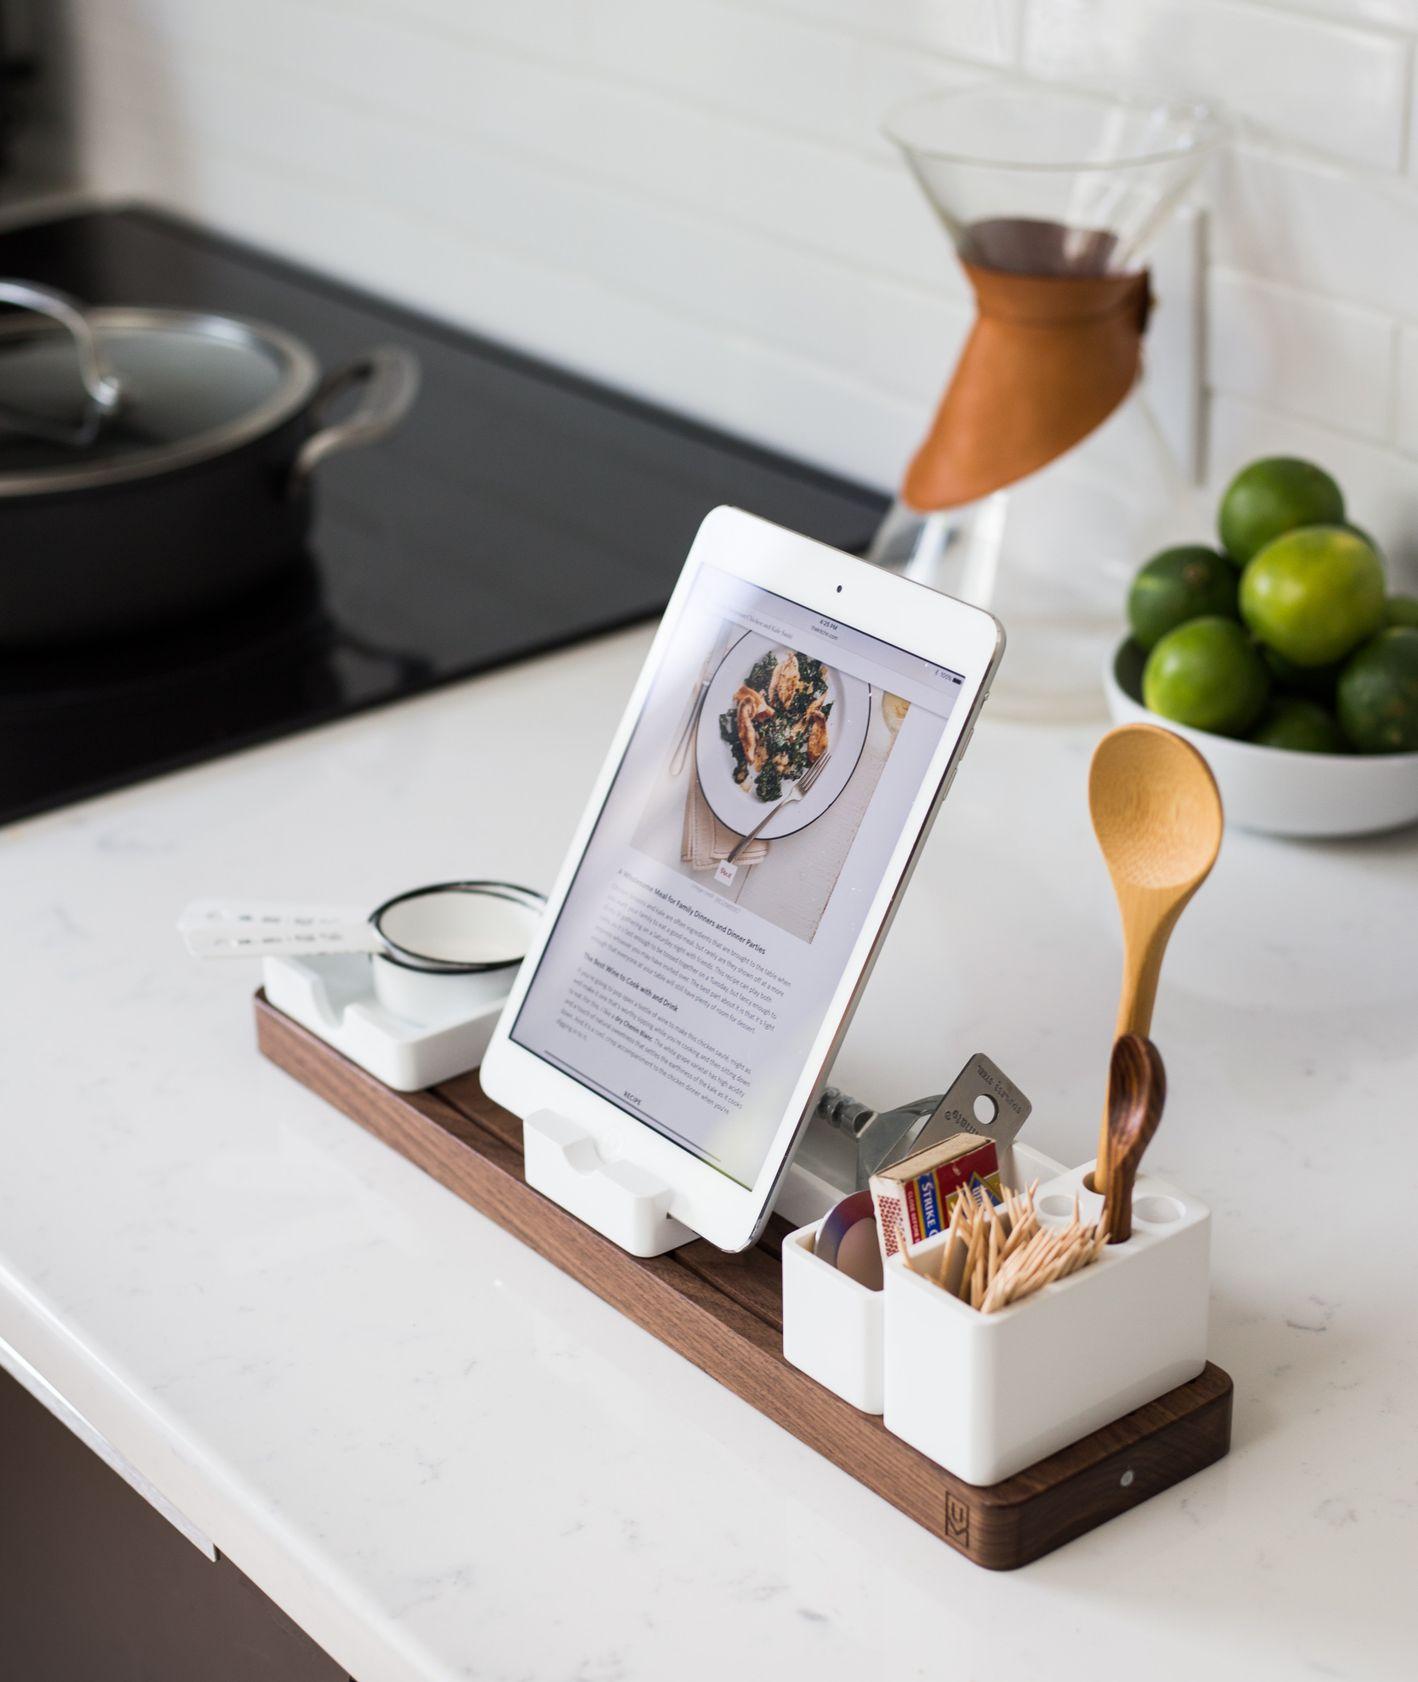 Tablet z wyświetlonym przepisem, stojący na blacie kuchennym, w tle limonki, chemex i płyta kuchenna z garnkiem (fot. Jeff Sheldon)